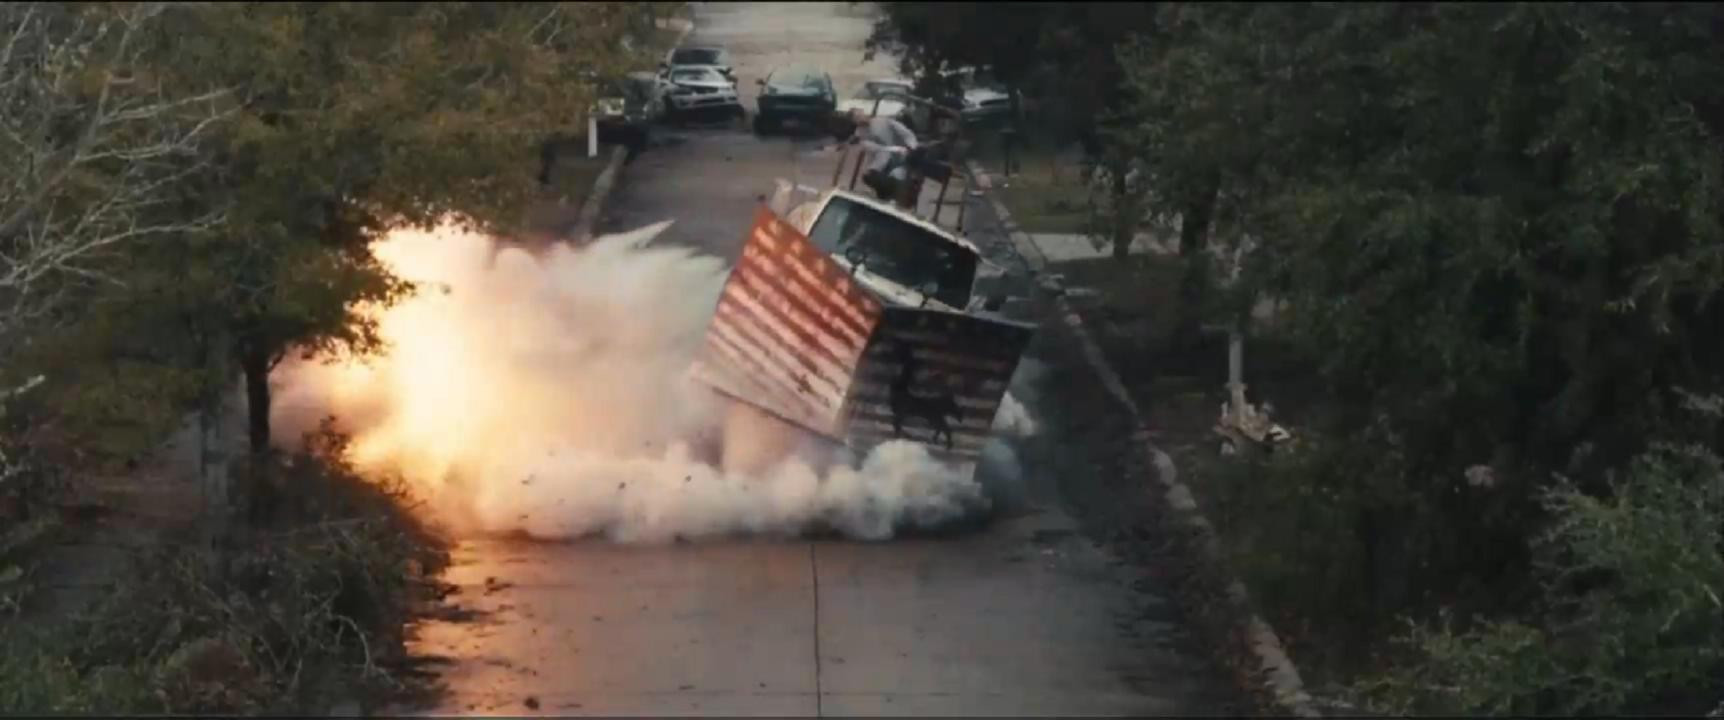 #经典看电影#装甲卡车架上重机枪横行霸道,却被一条钢丝绳绊倒